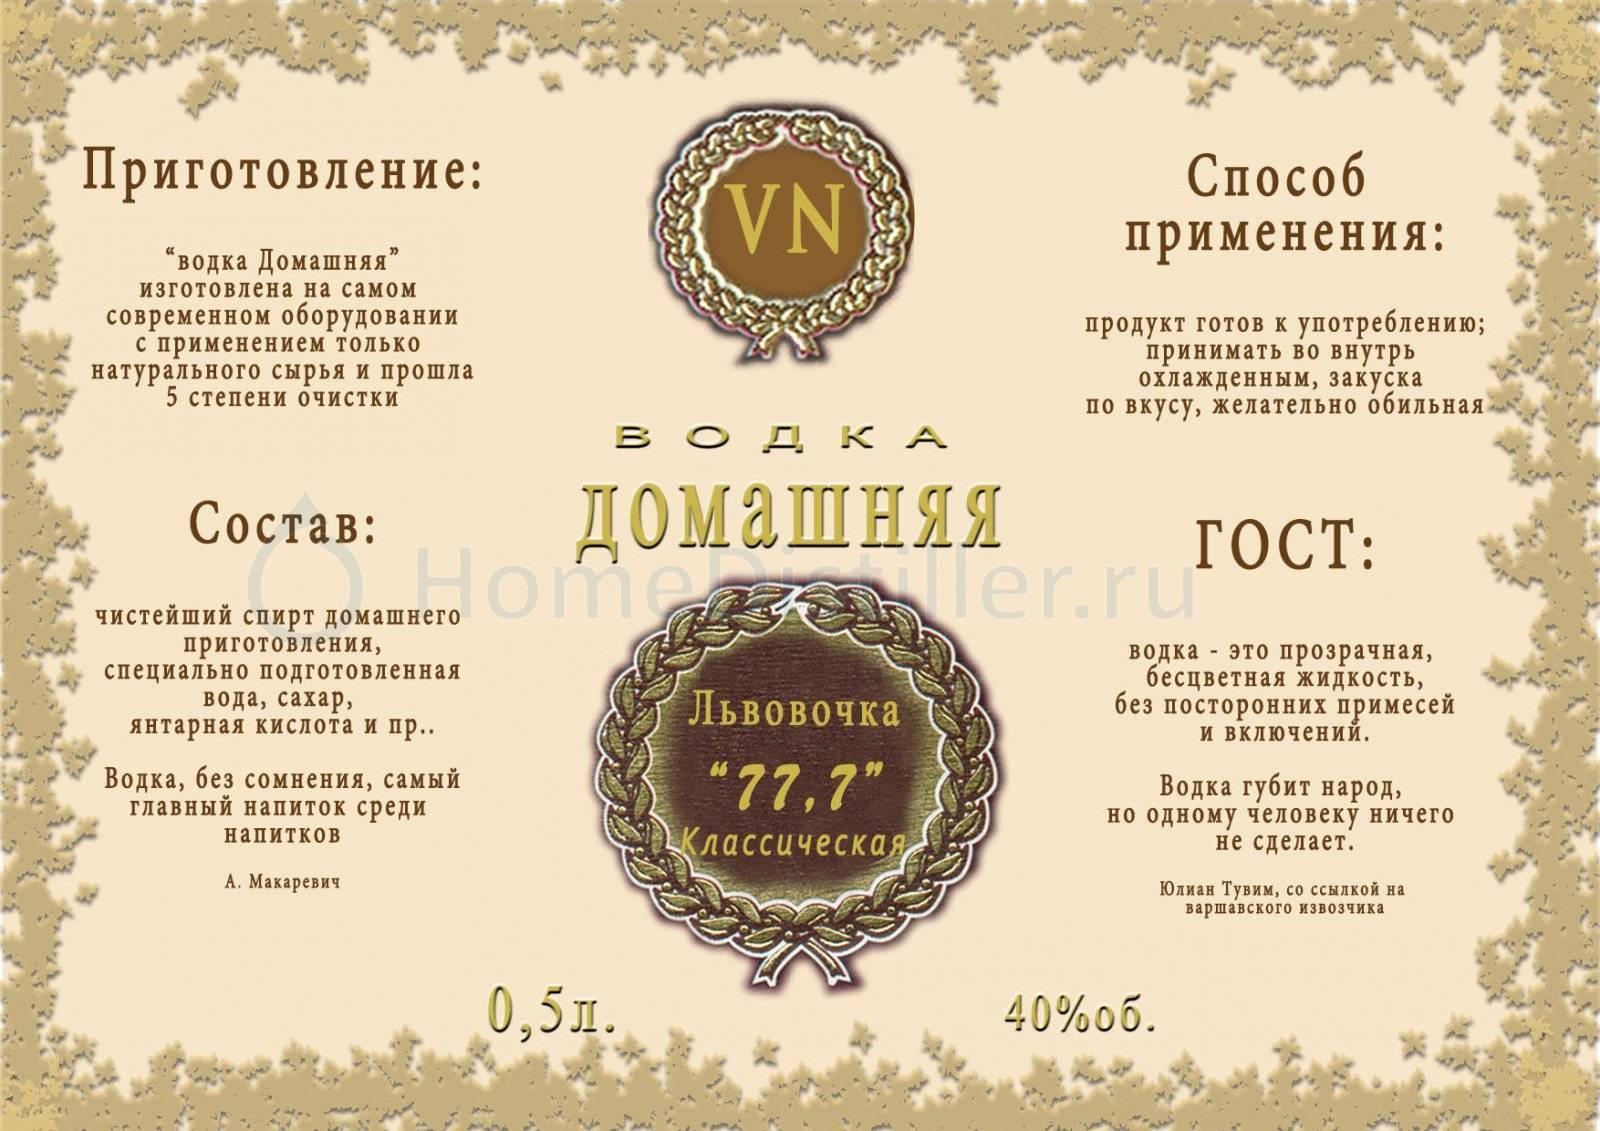 Этикетка на самогон прикольная фотошоп. куда разлить самогон, примеры красивых наклеек на бутылки